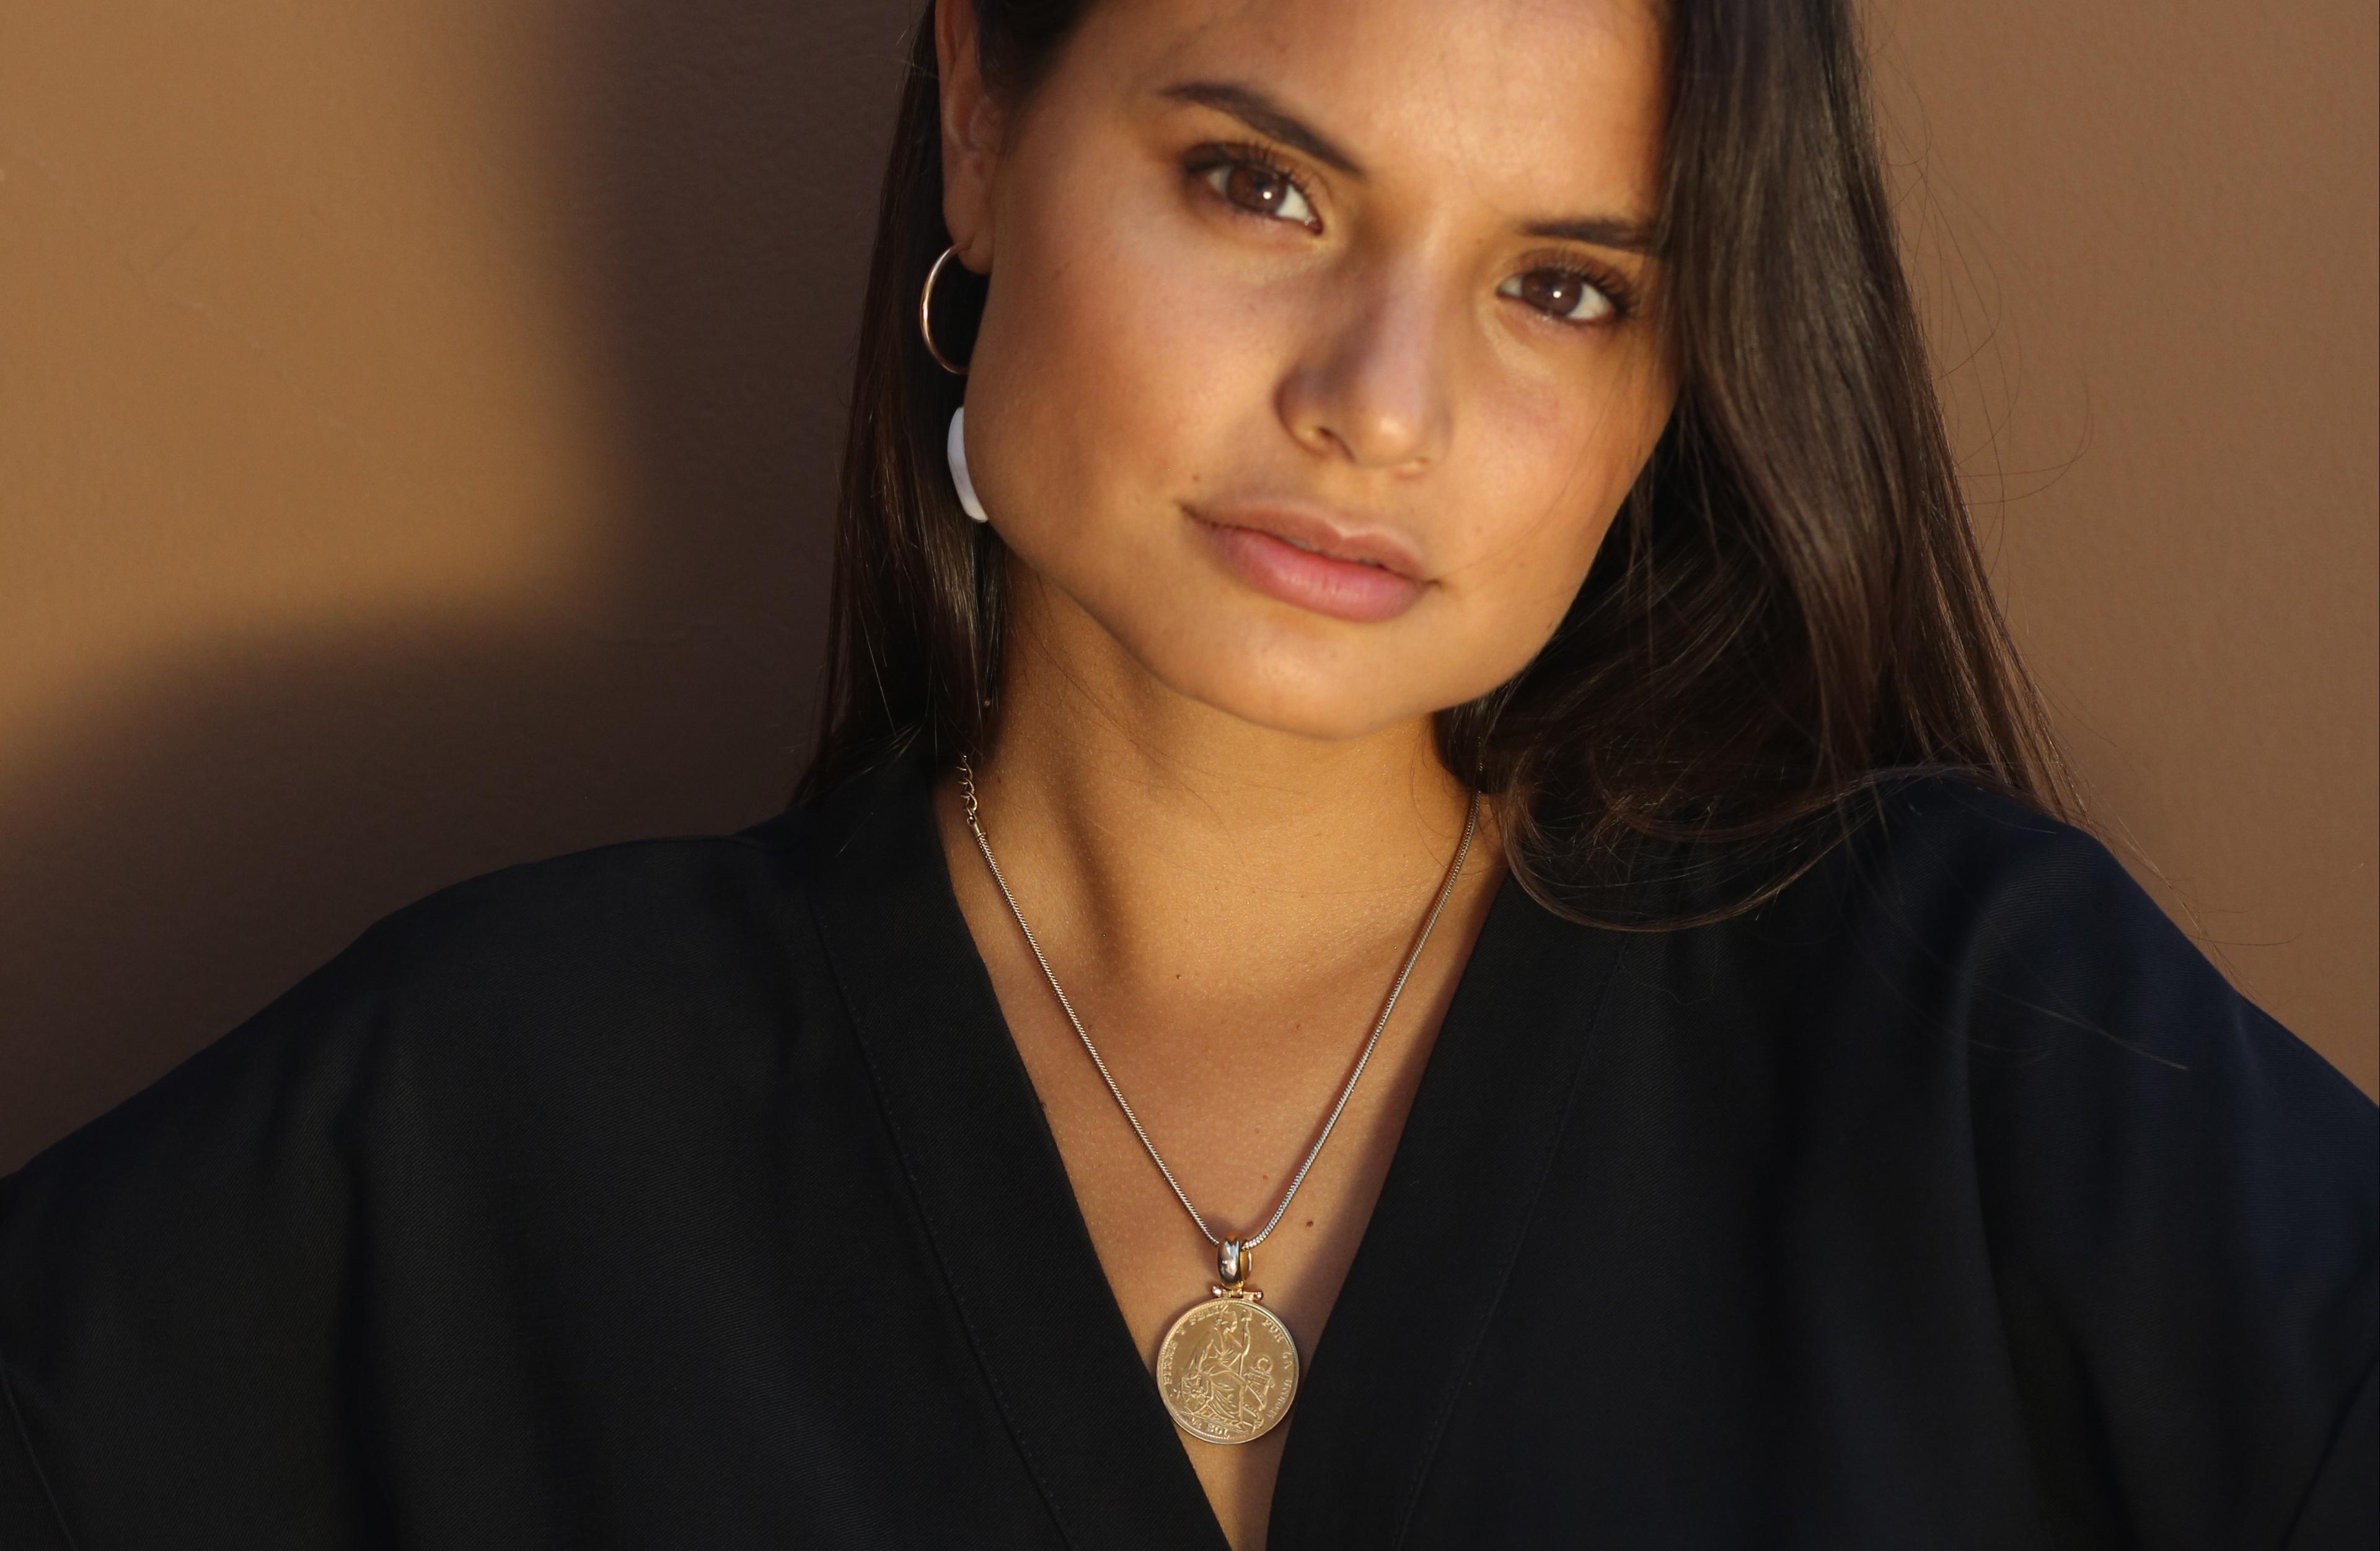 Camila Basurco